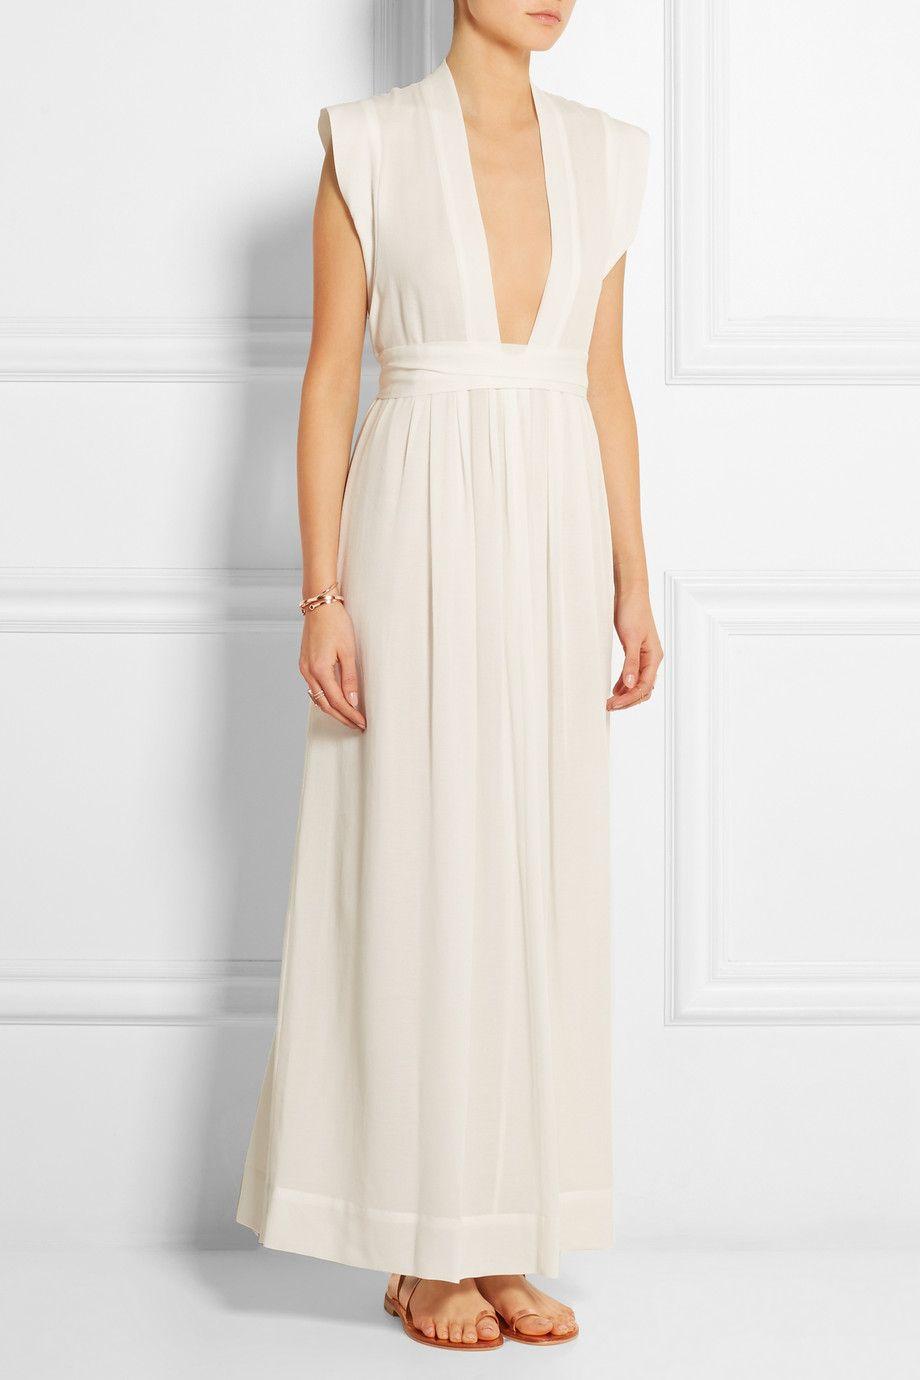 White Sachi Voile Maxi Dress Isabel Marant Maxi Dress Dresses White Dress